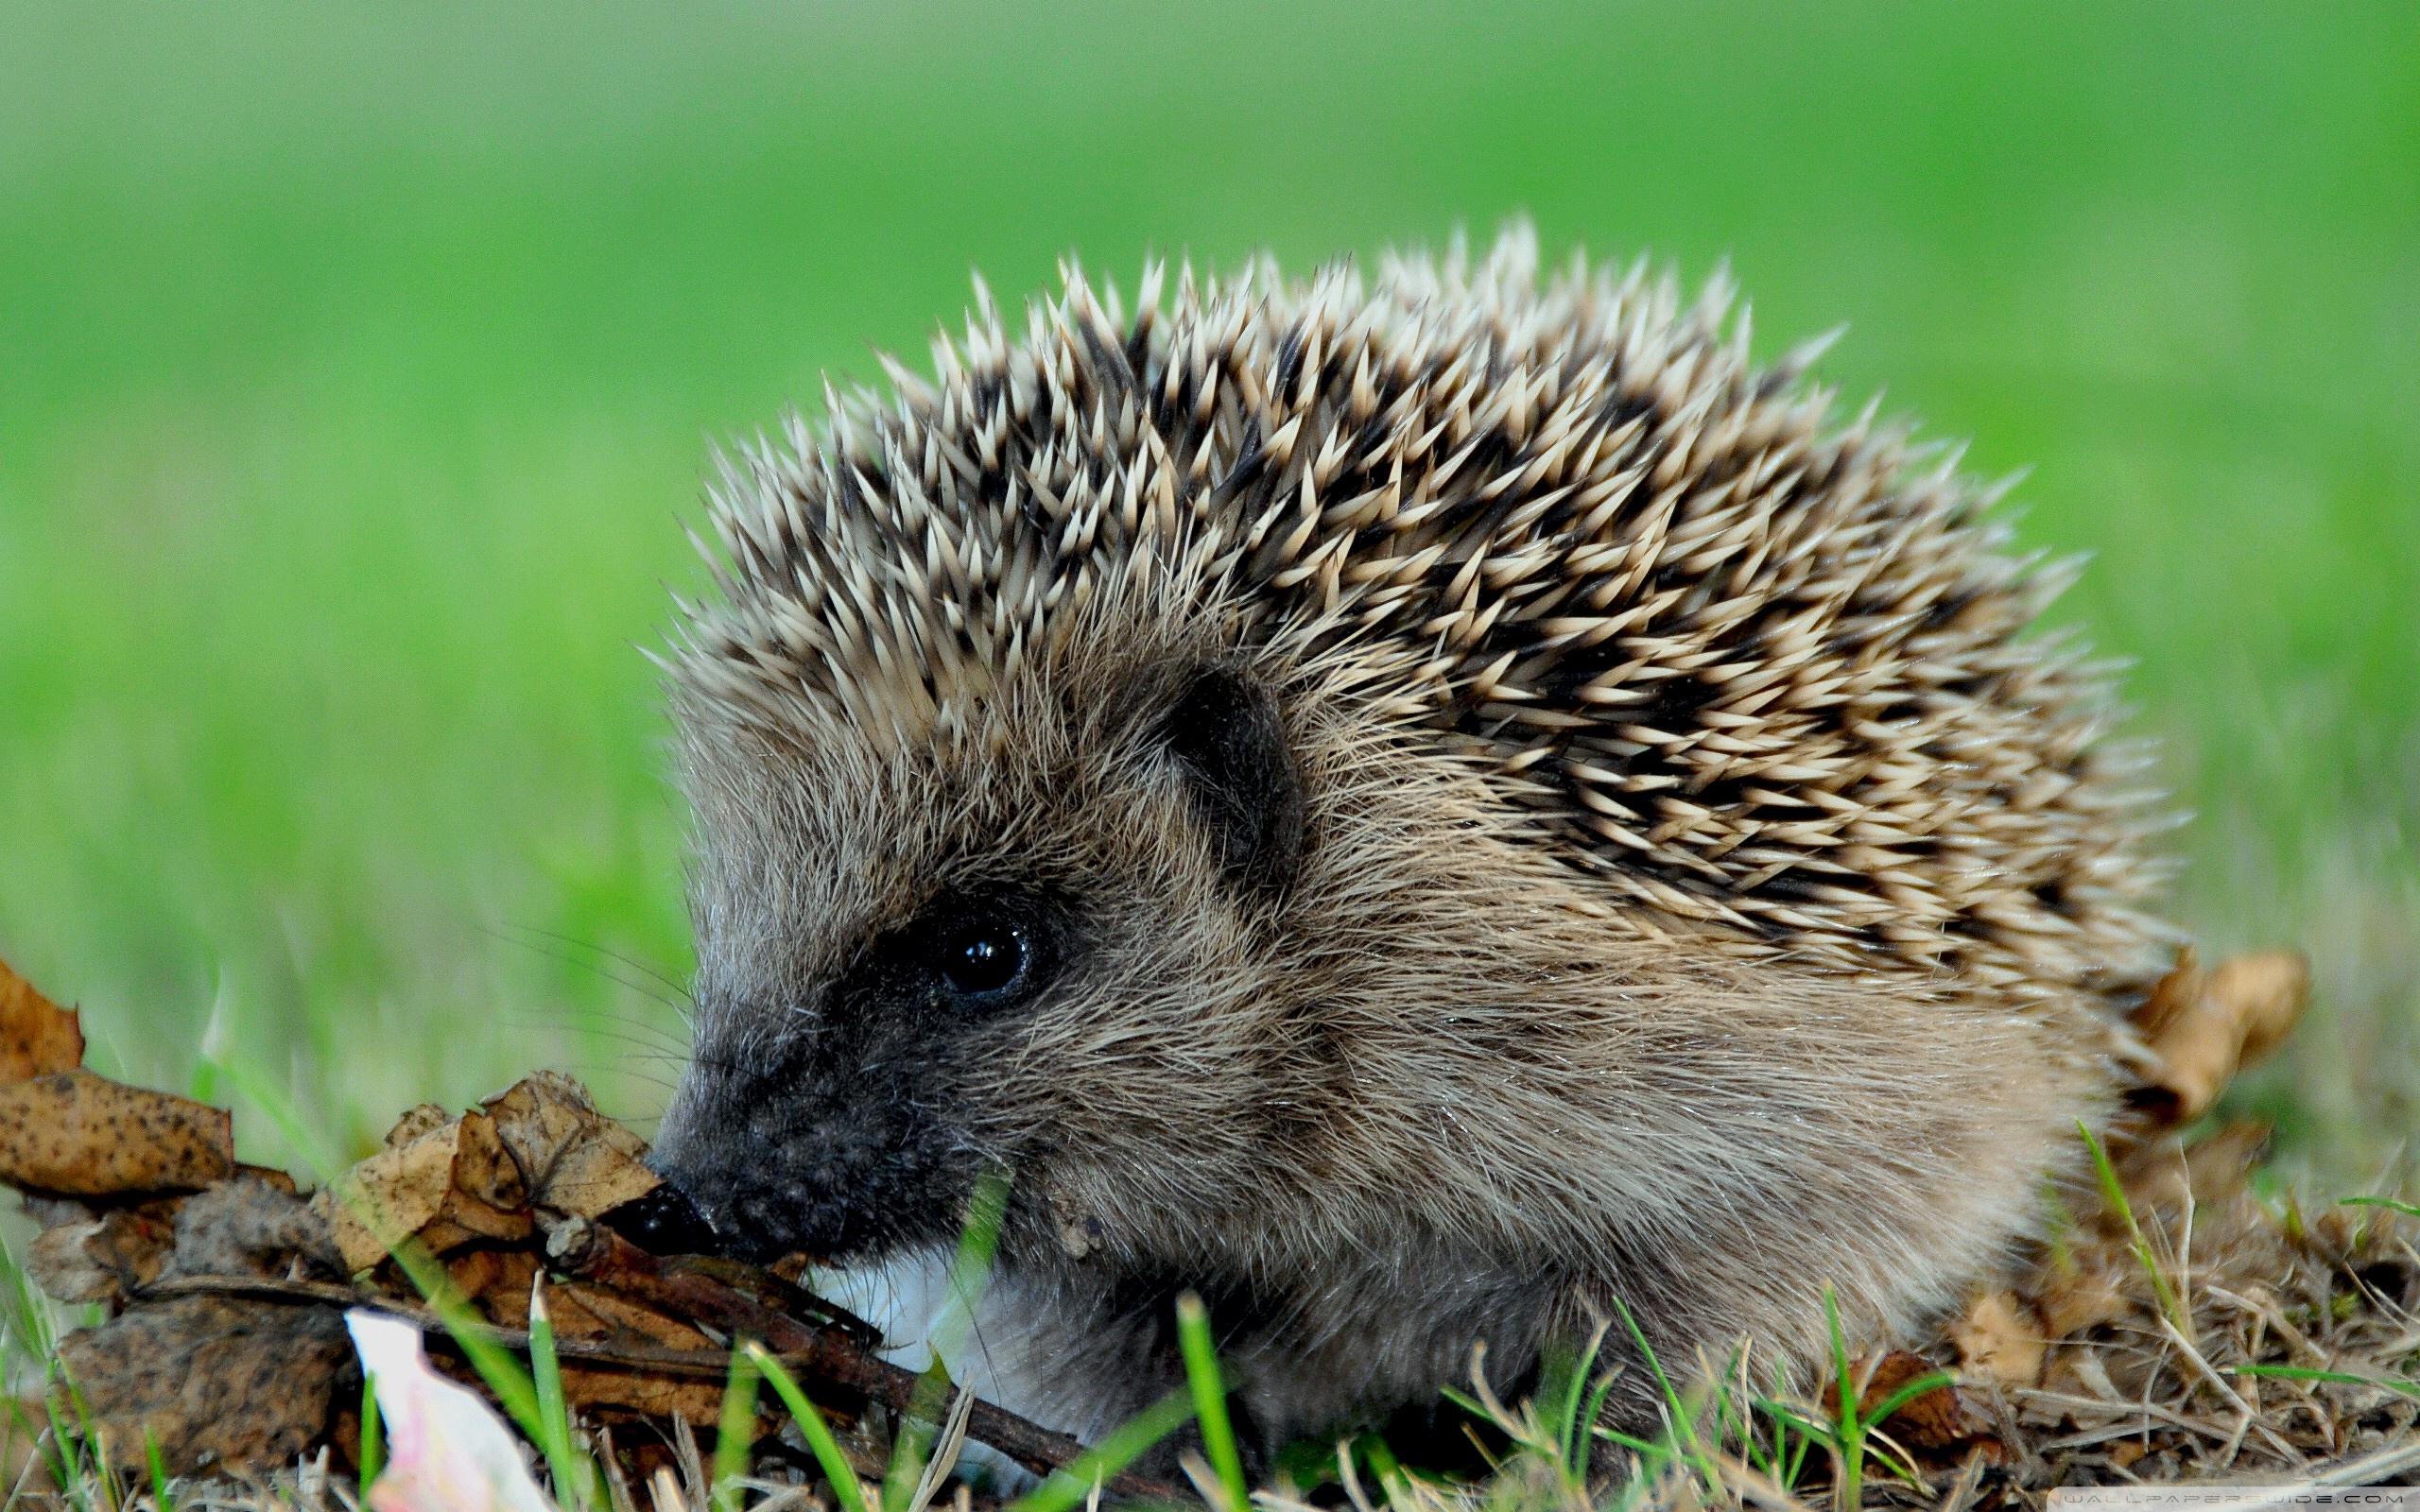 Hedgehog clipart hiran Hedgehog Hedgehog Wallpaper #11271 Adorable